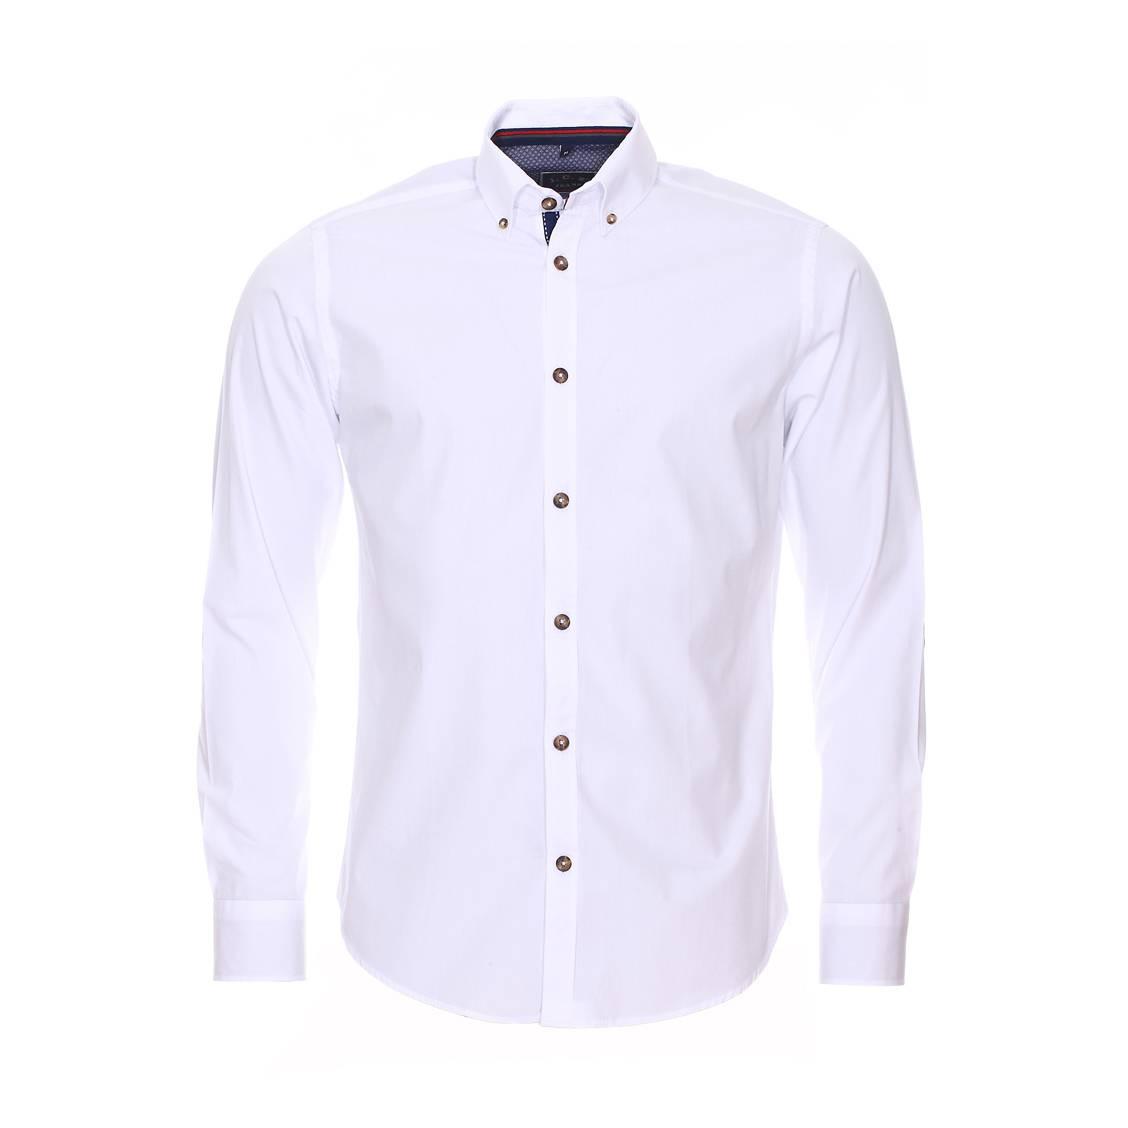 Chemise droite à manches longues  en coton blanc à opposition bleu denim à motifs